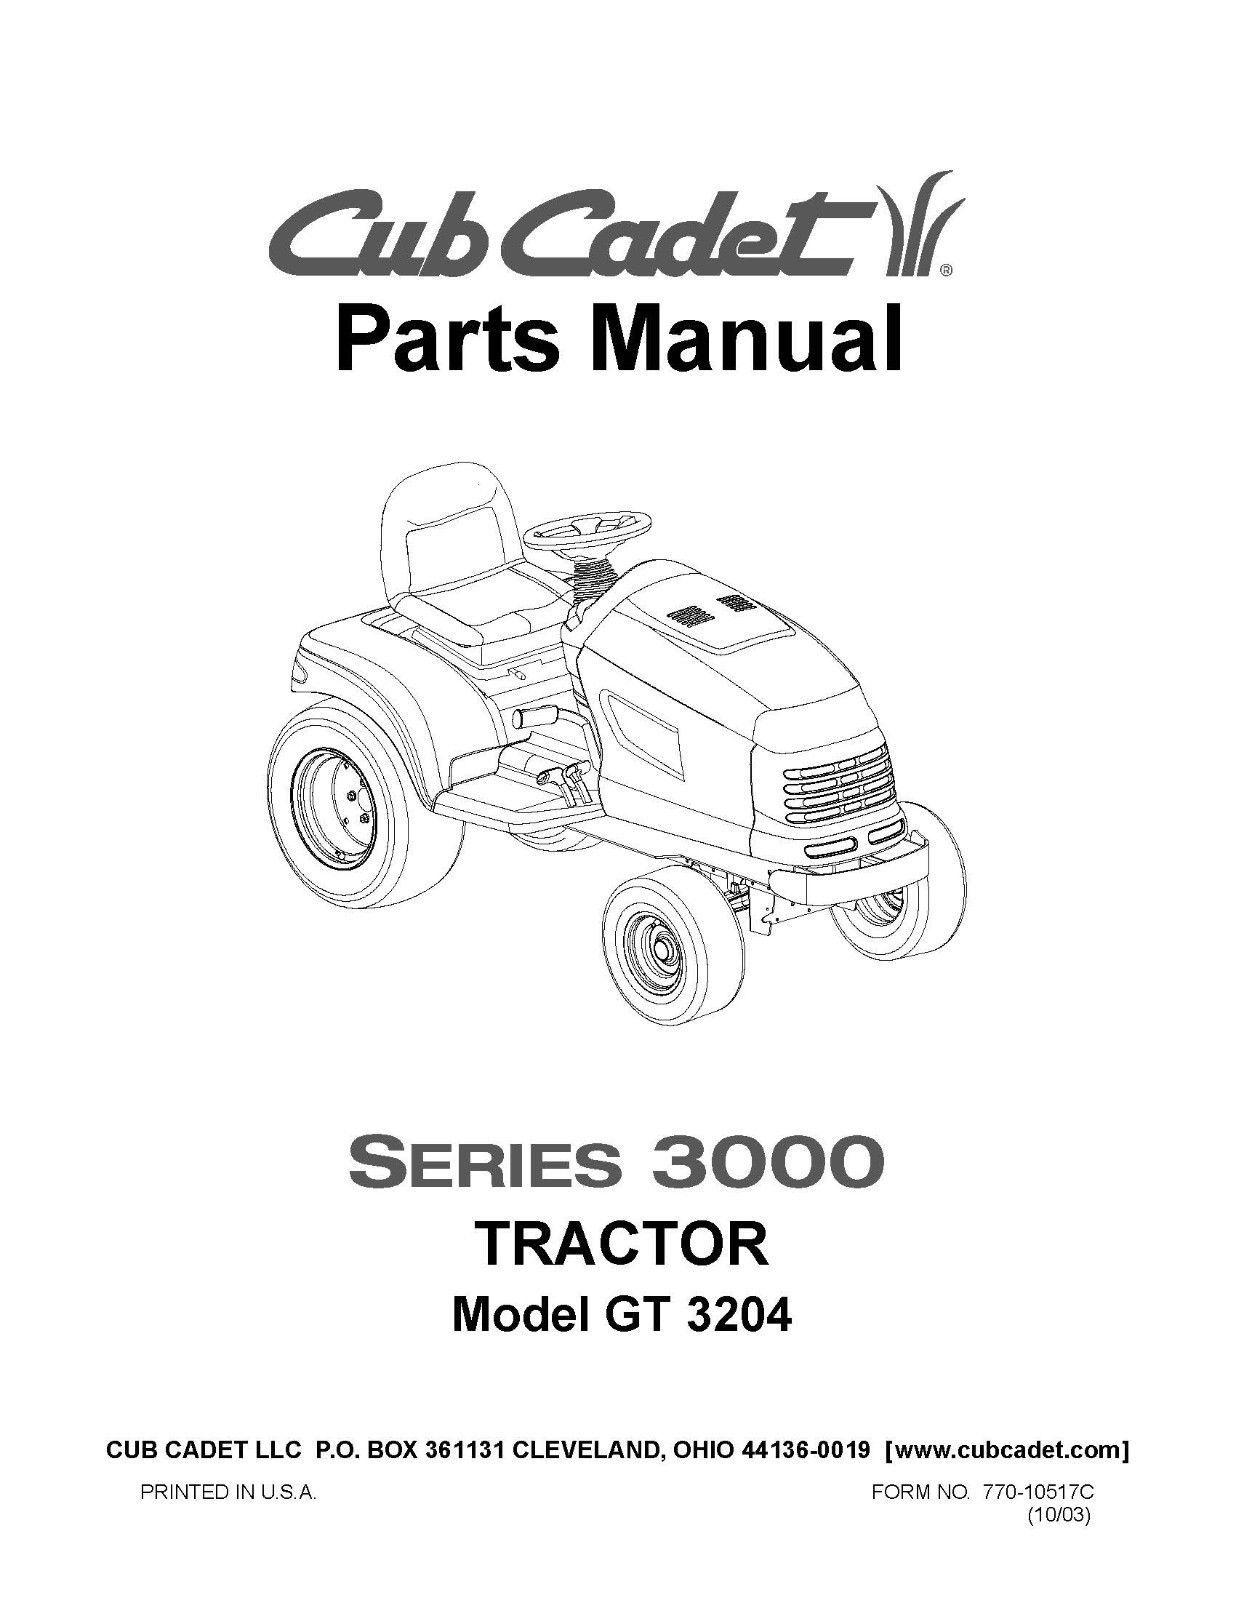 Cub Cadet Parts Manual Model No. GT 3204